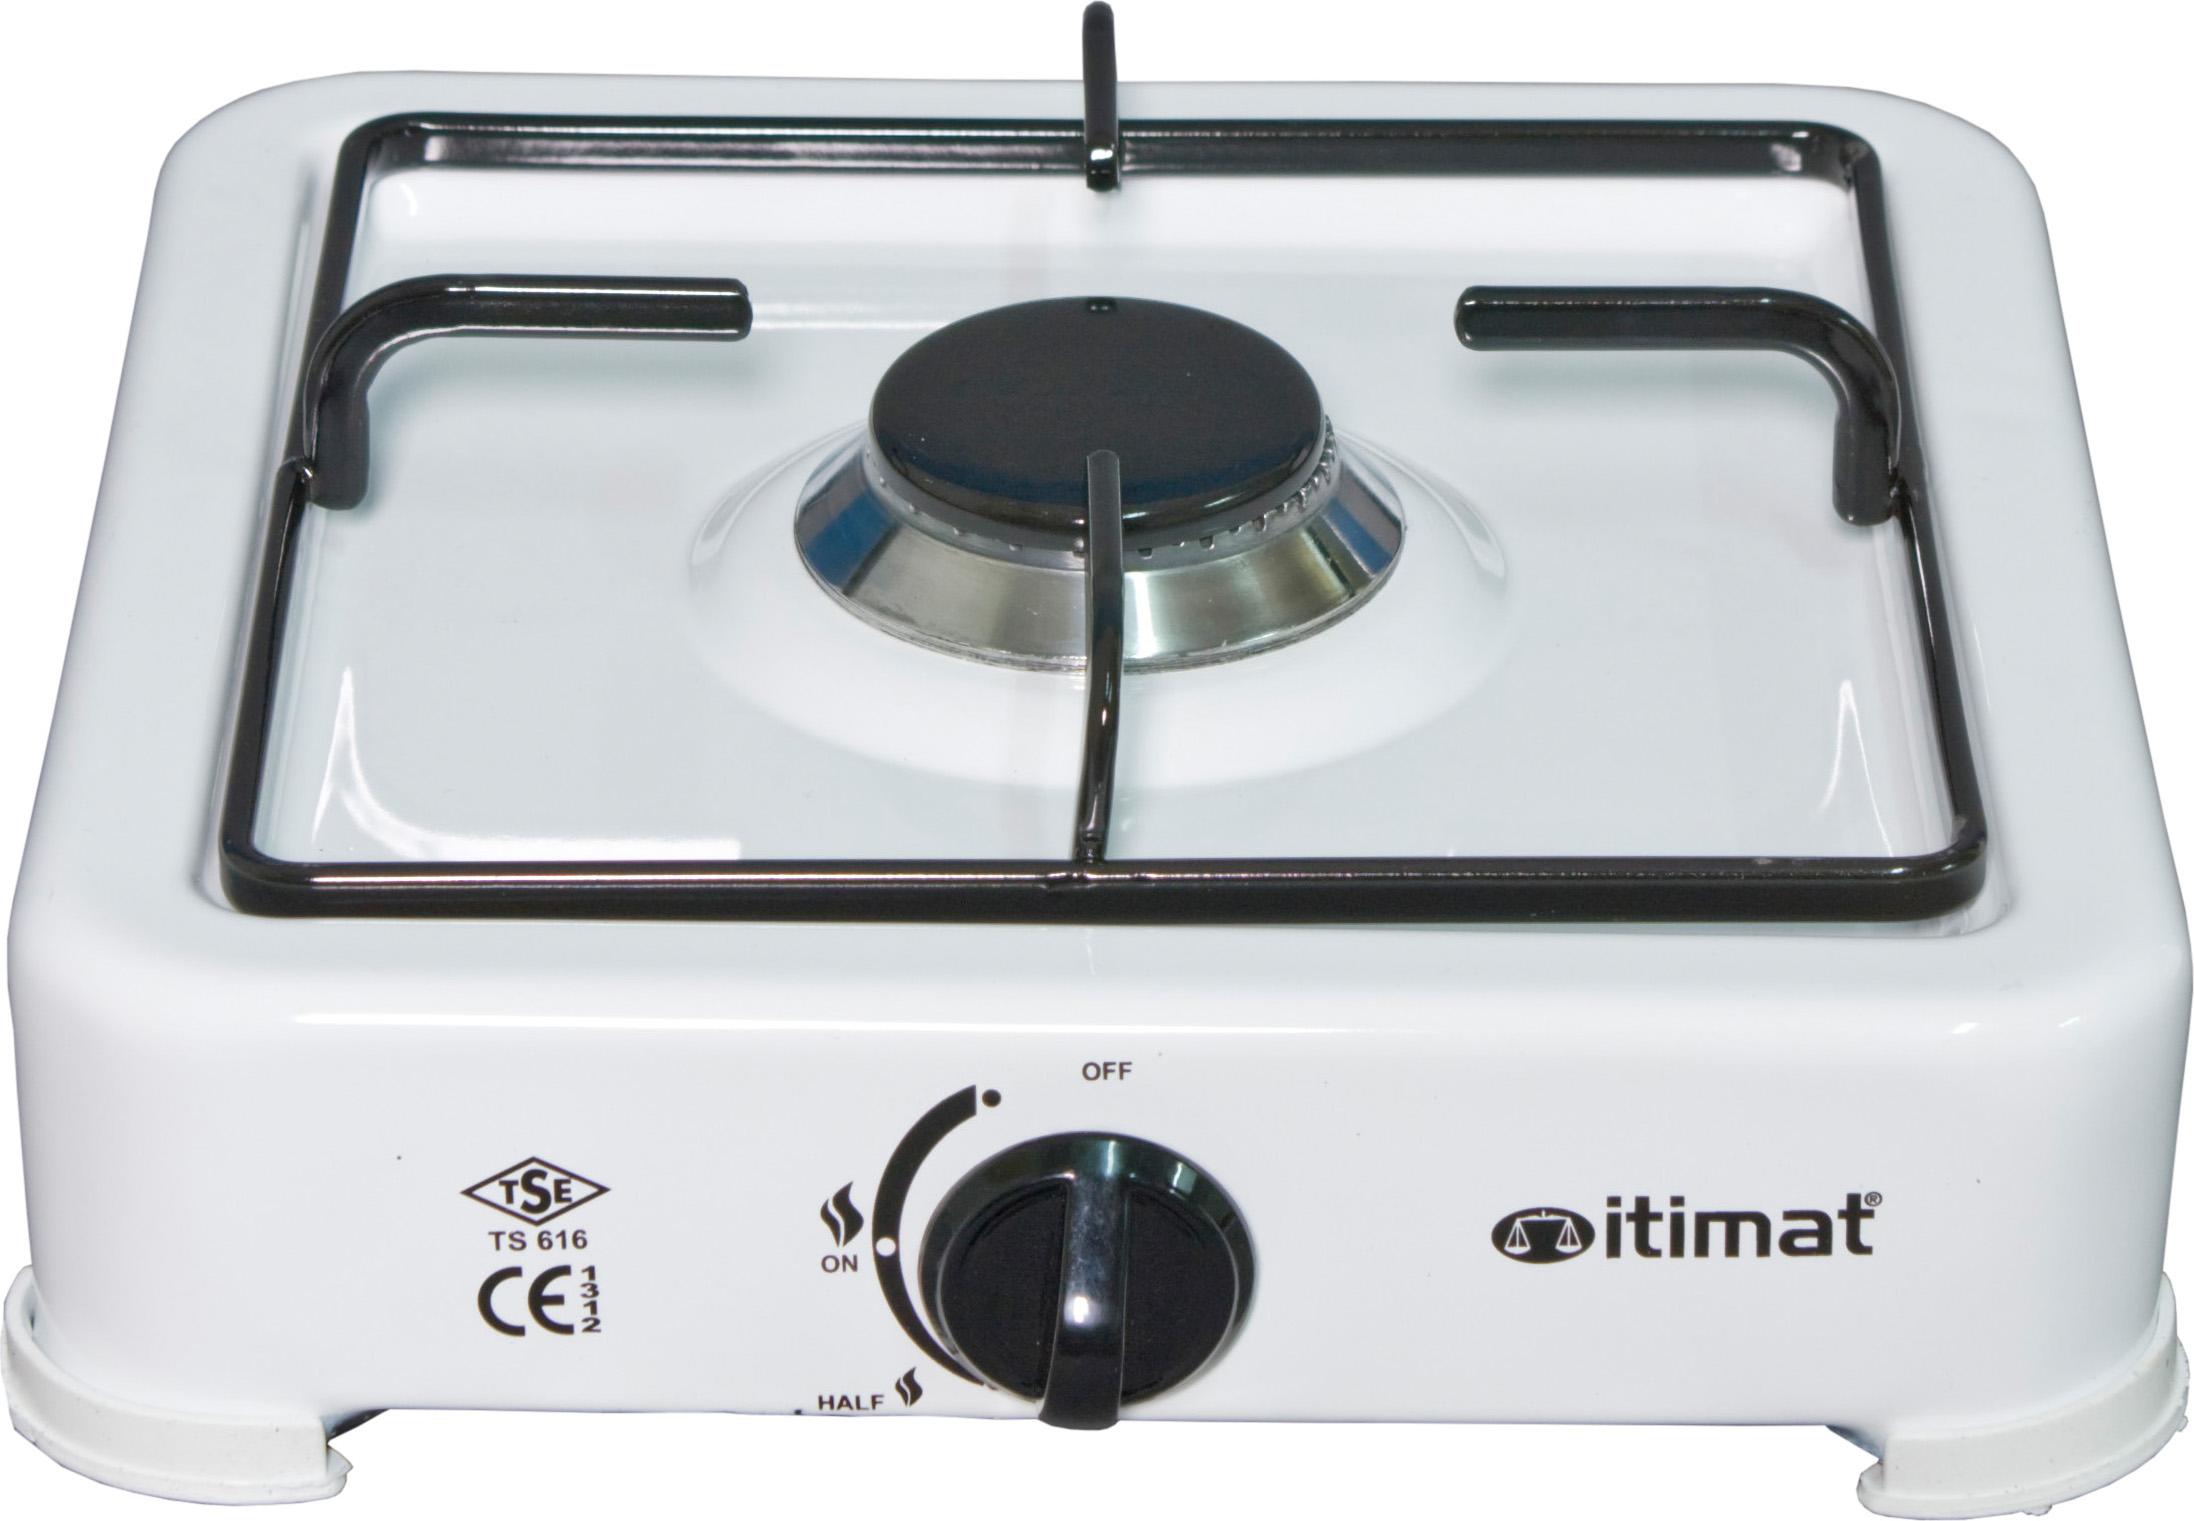 Itimat Fornello a Gas 1 Fuoco Potenza 1.5 Kw colore Bianco Senza Coperchio